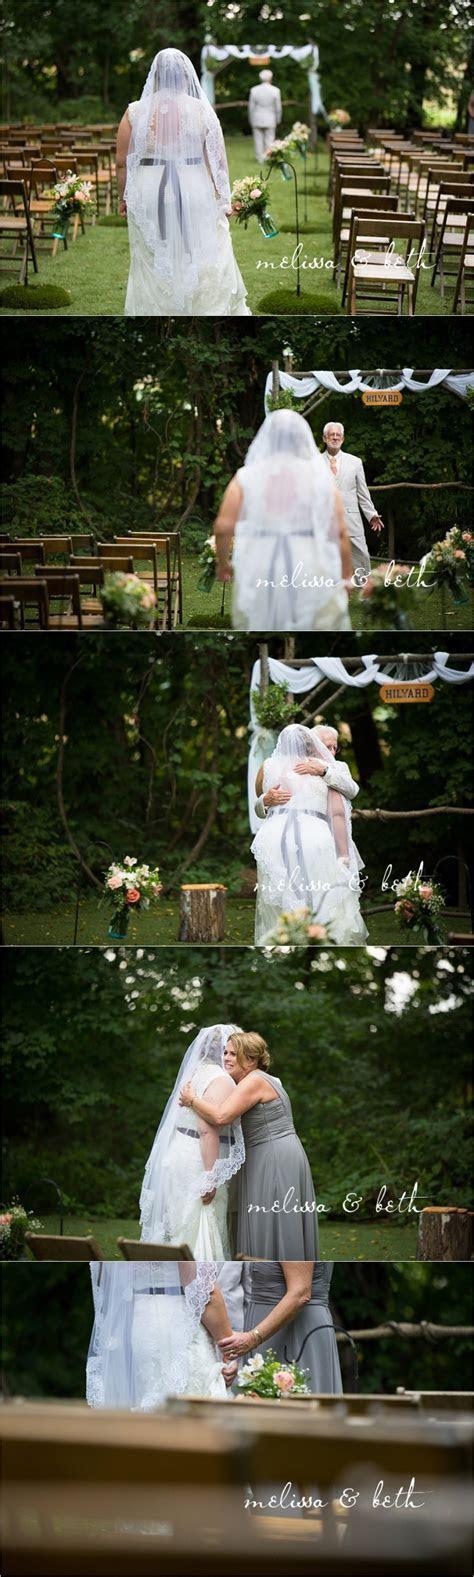 The Barn at Schwinn Produce Farm Wedding   Tennille & Trey